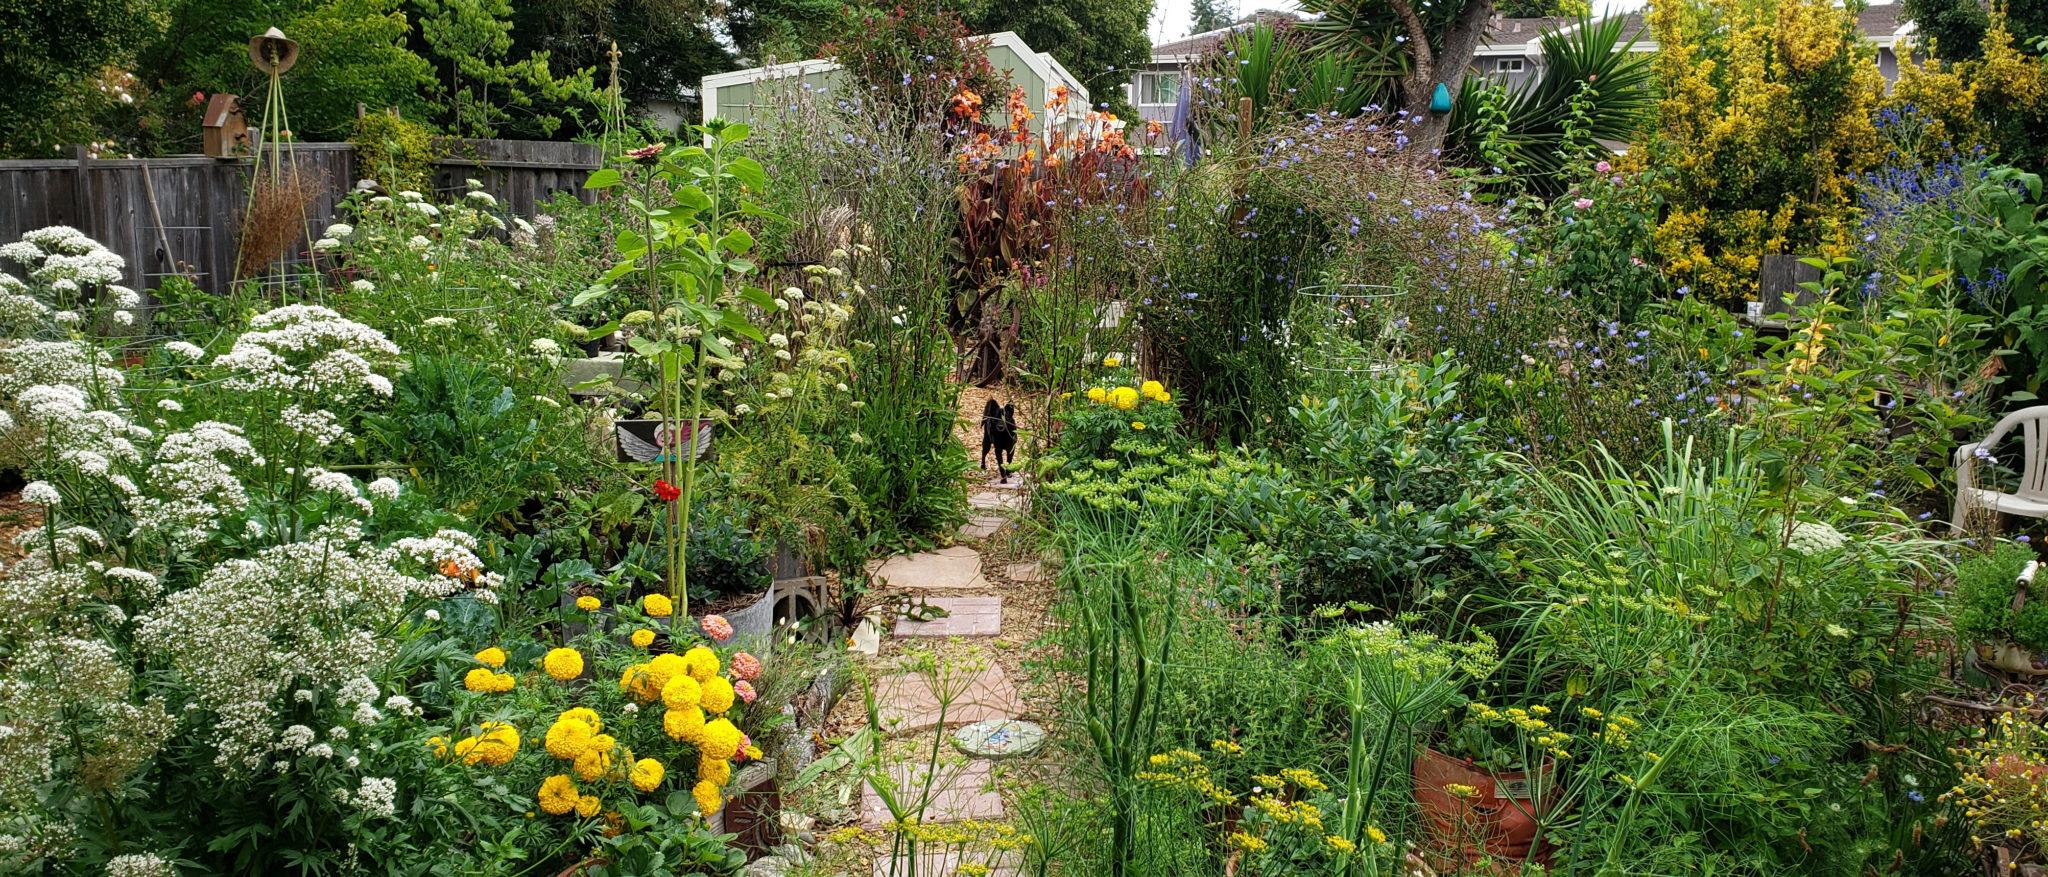 Terra Nova Farm Garden